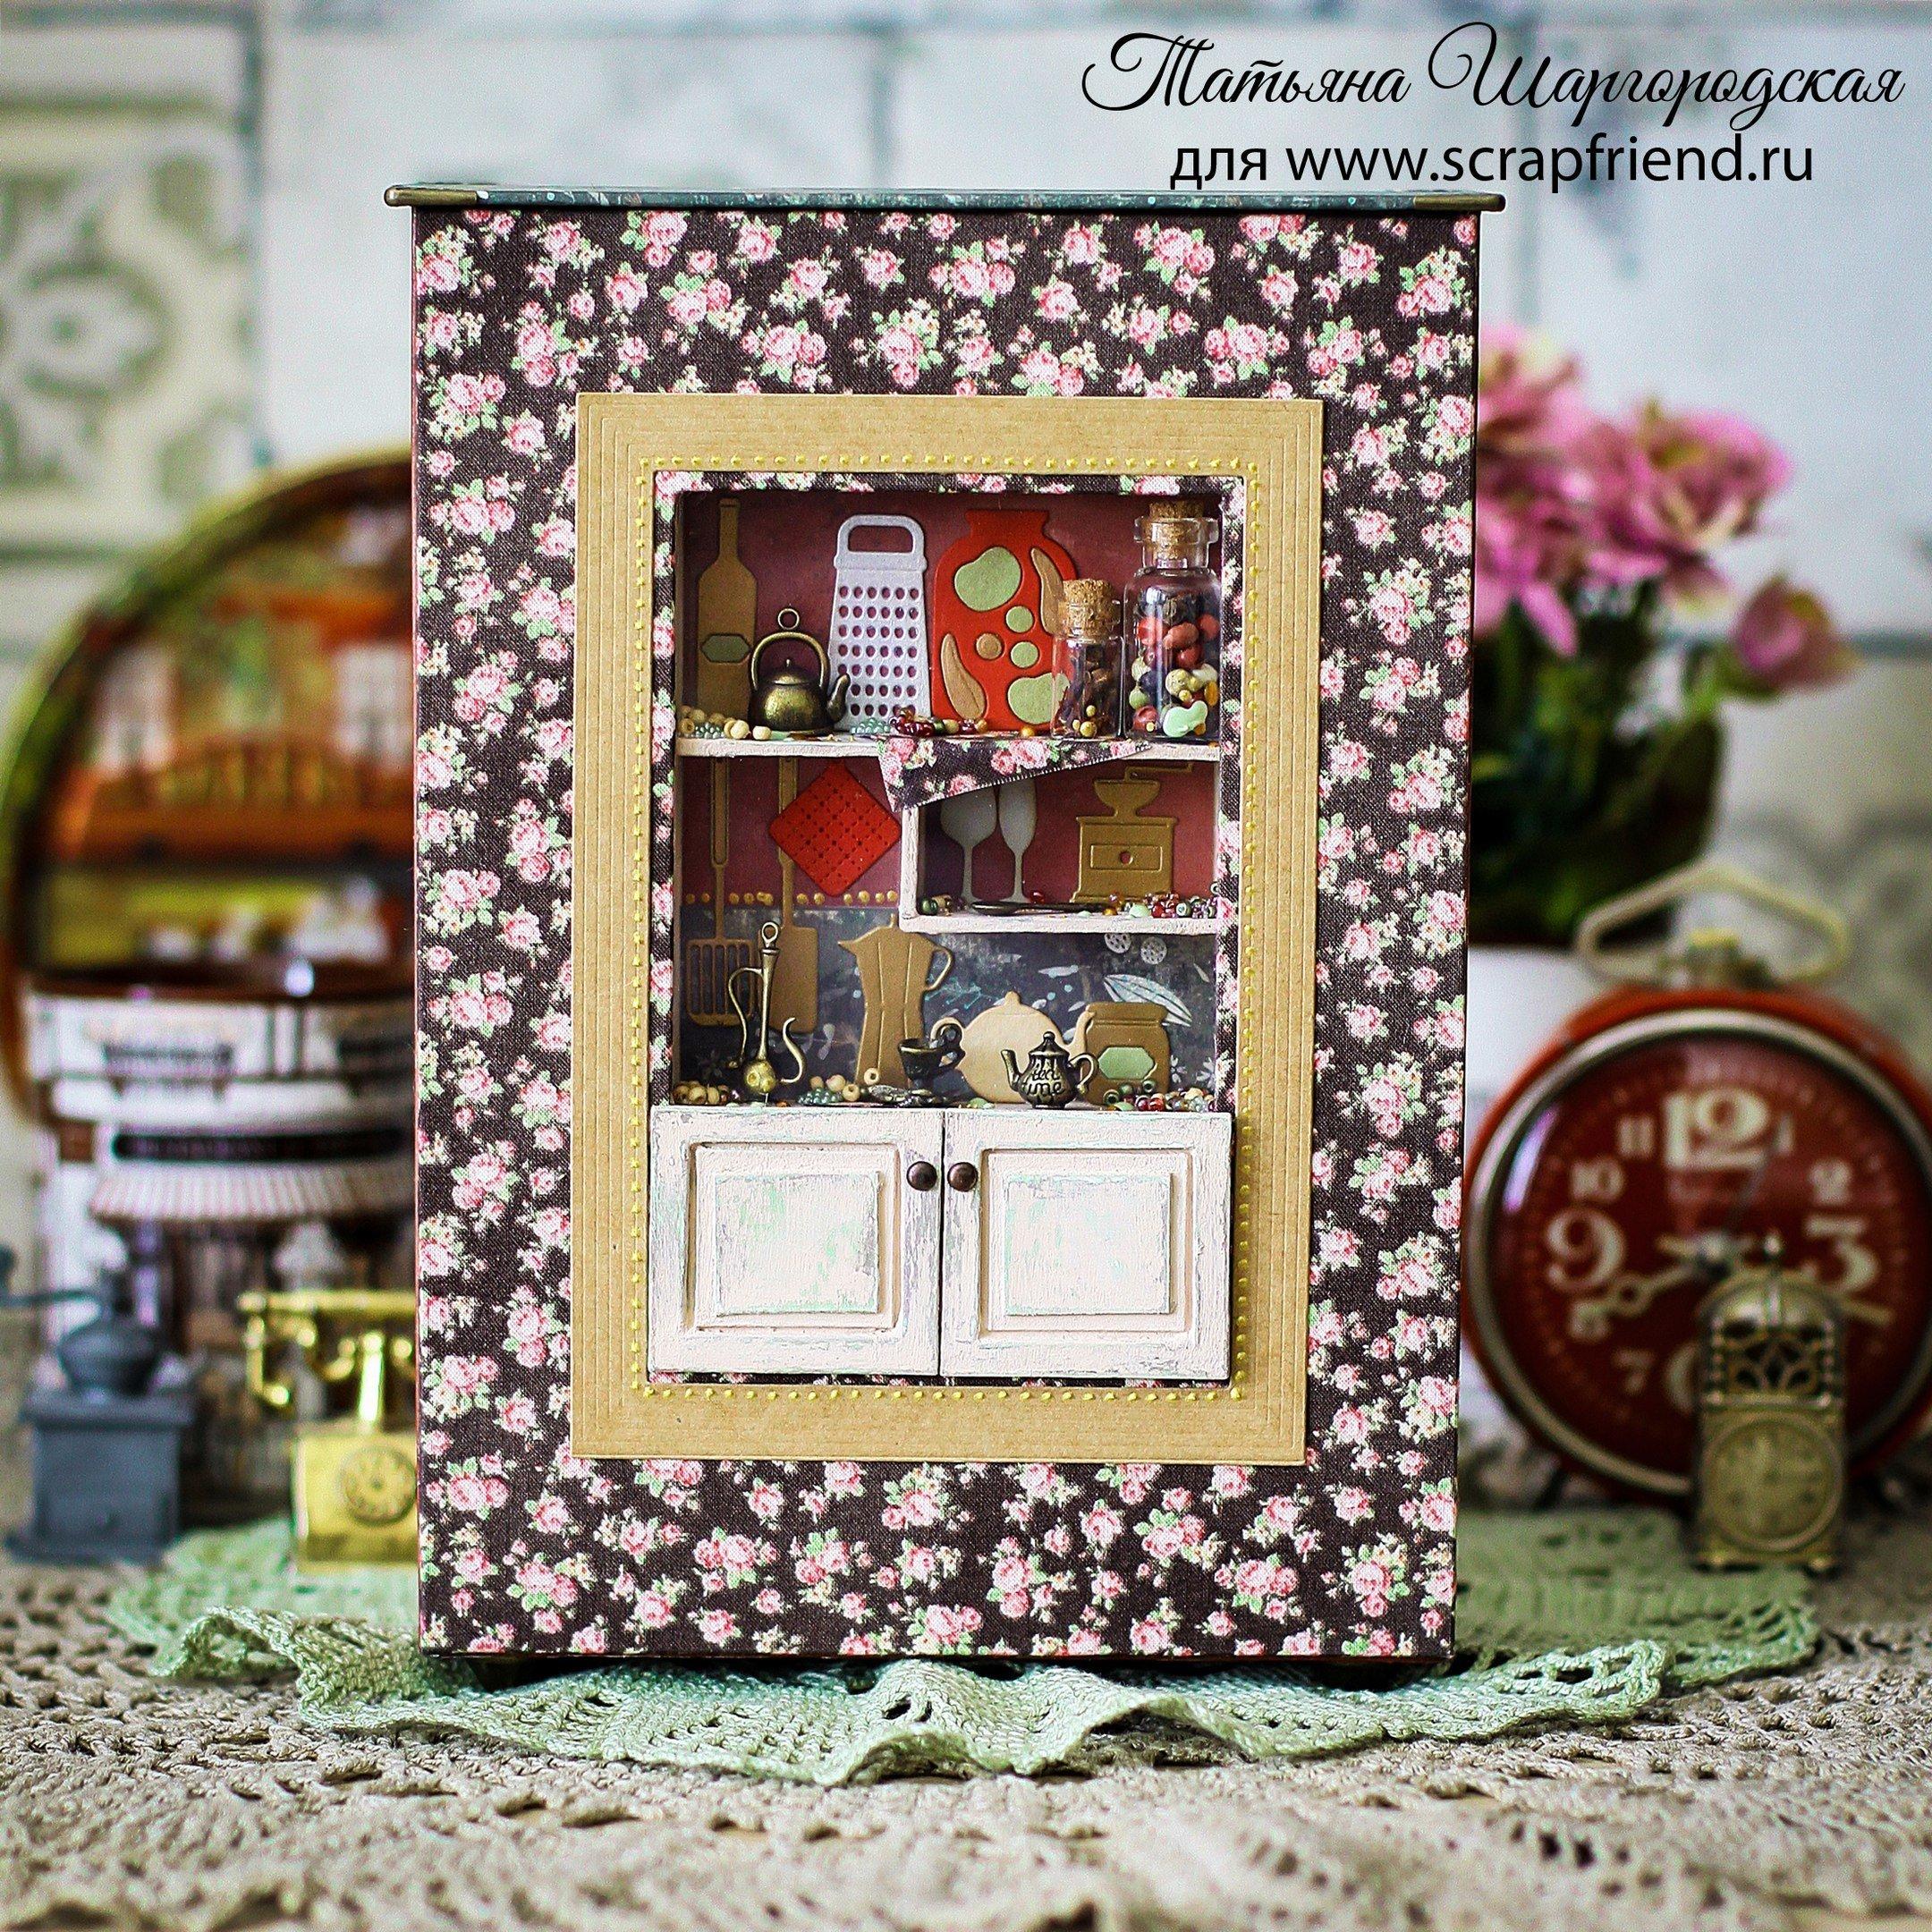 Автор работы Татьяна Шаргородская